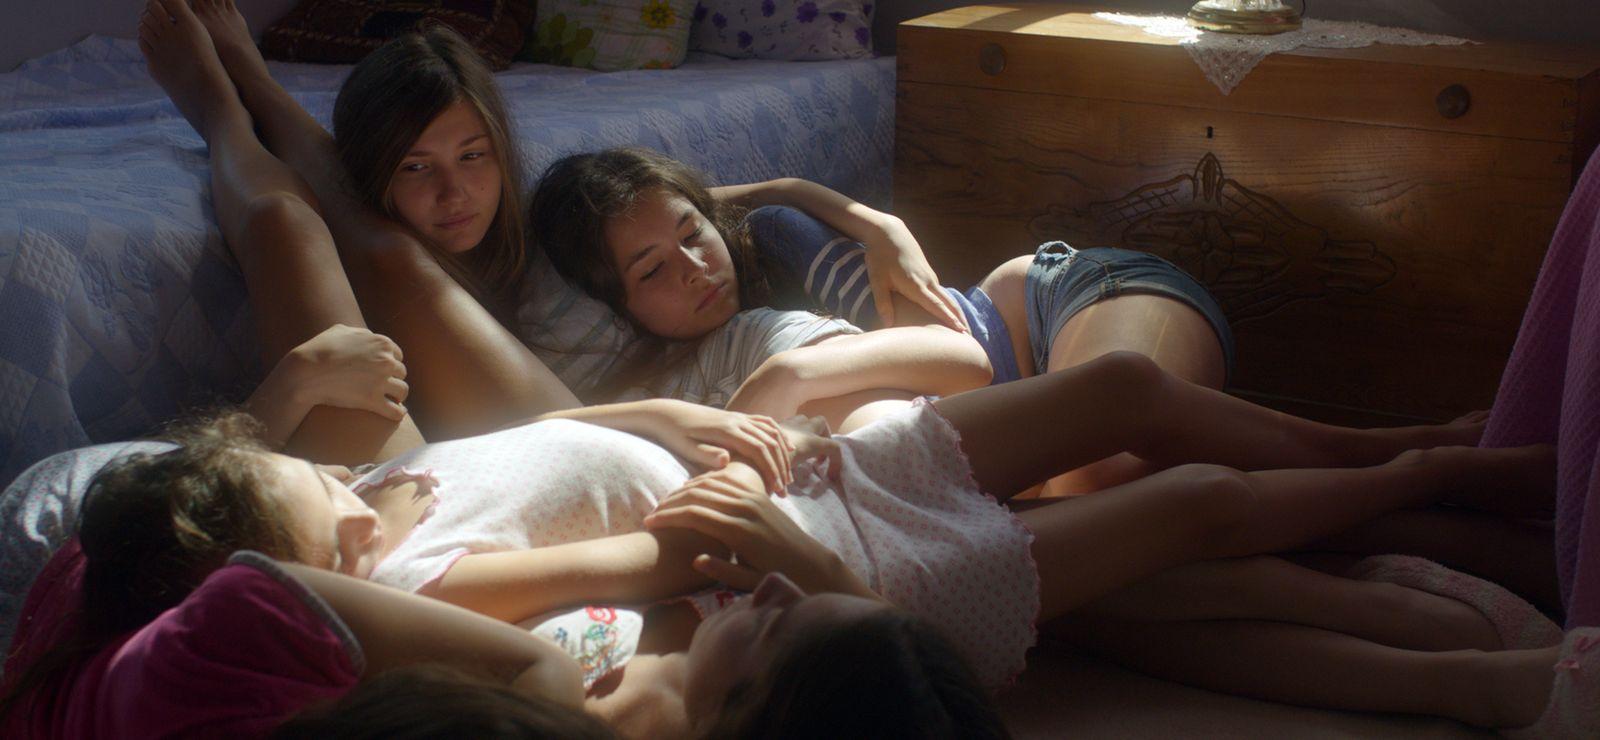 Порно видео секс сестры и брата скачать и смотреть онлайн